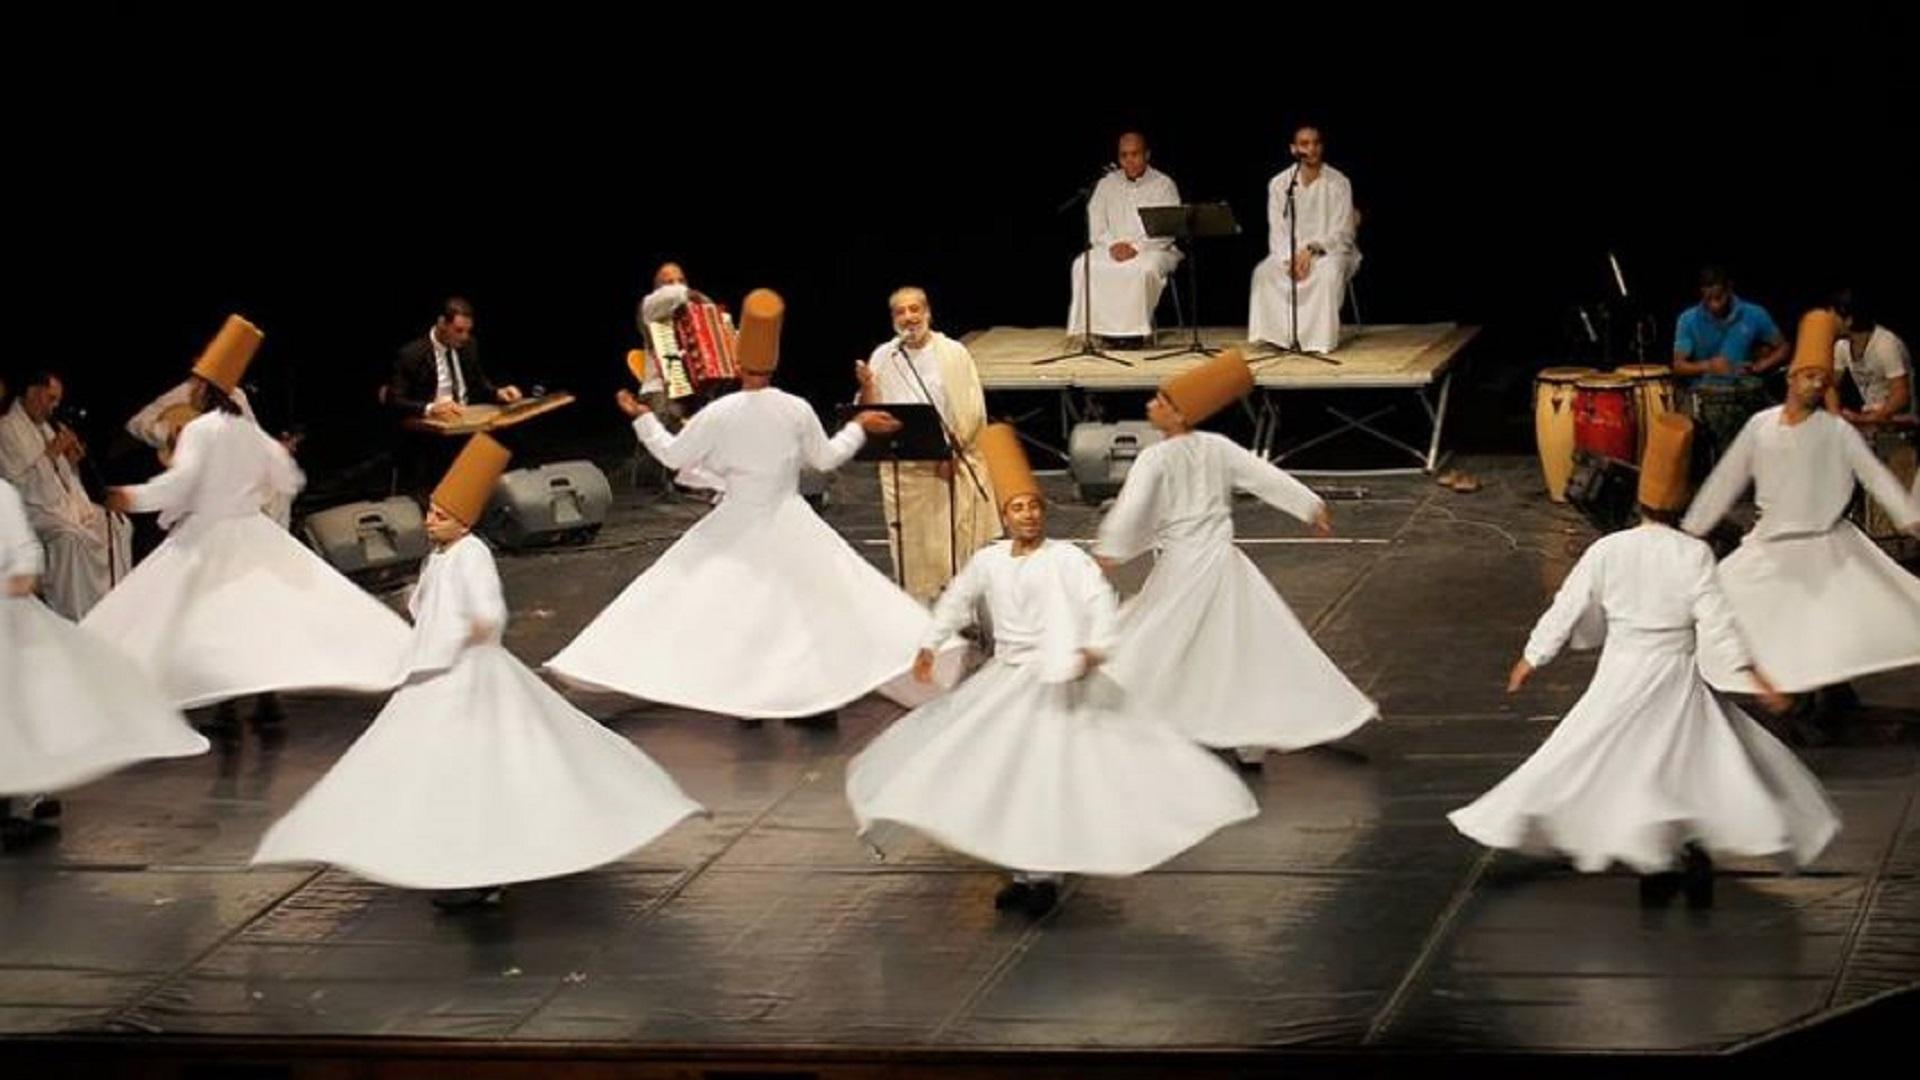 اليهود والسينما والعالم العربي